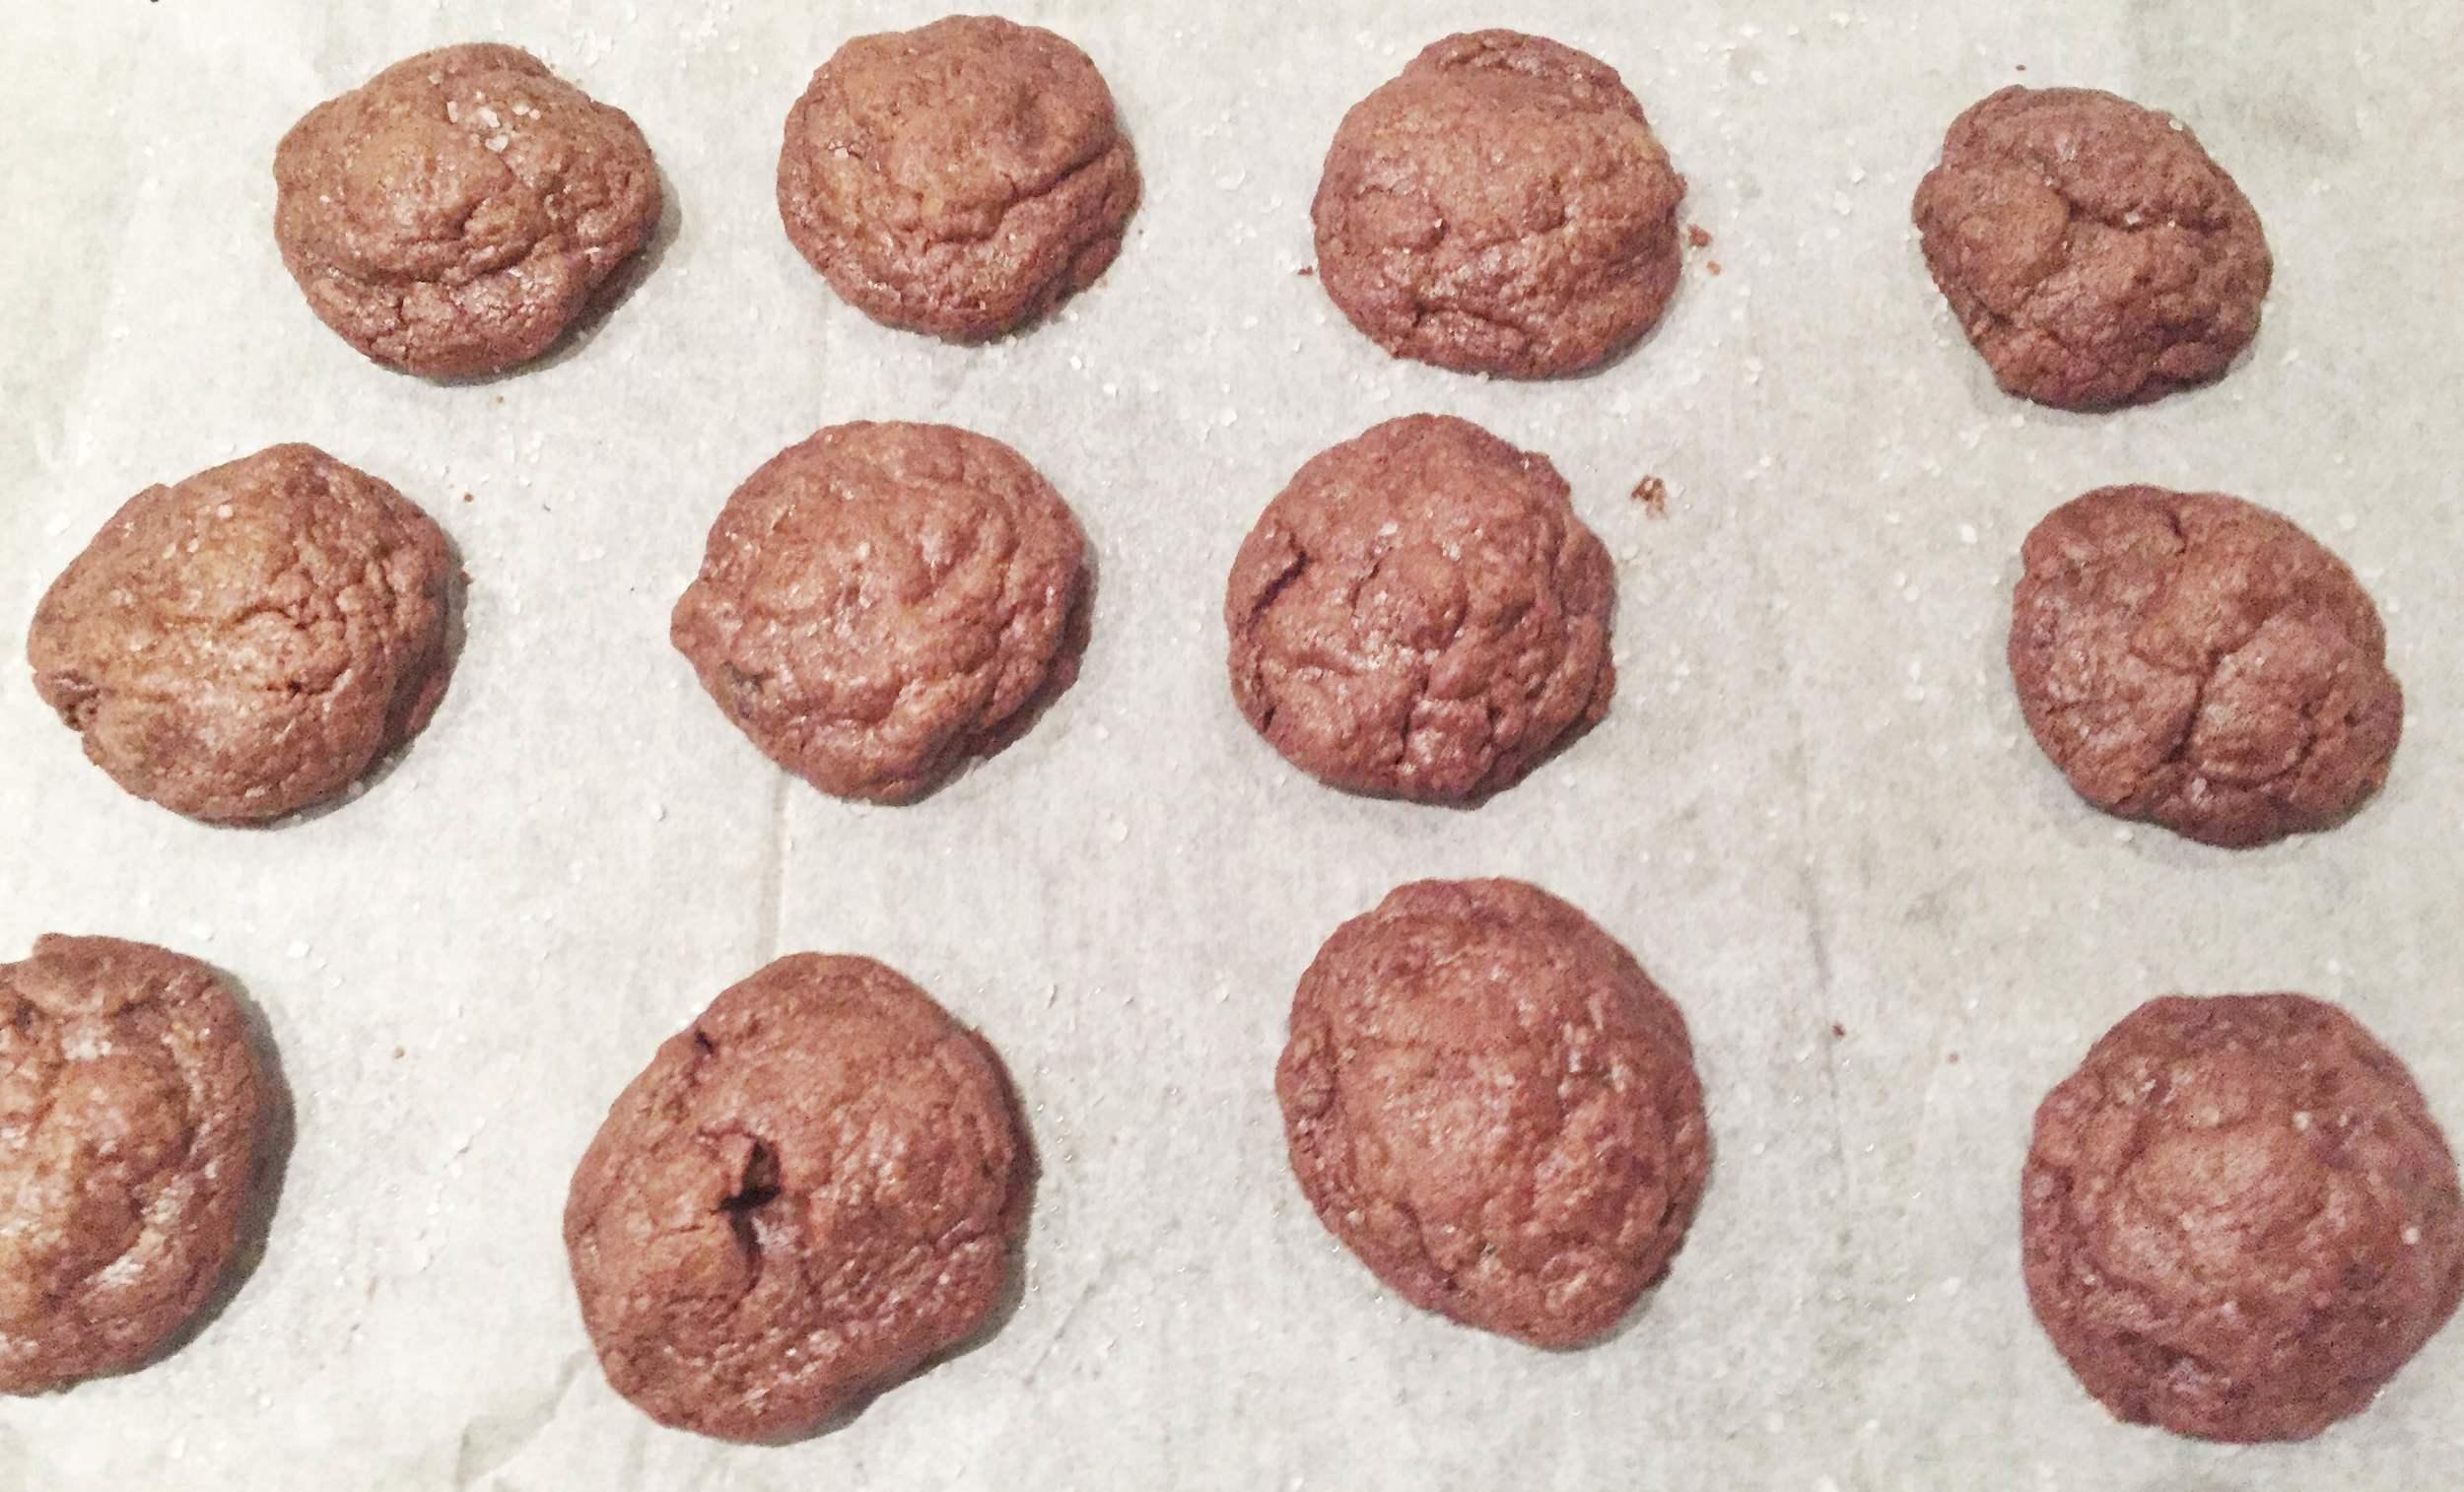 nutellacookies_ontray